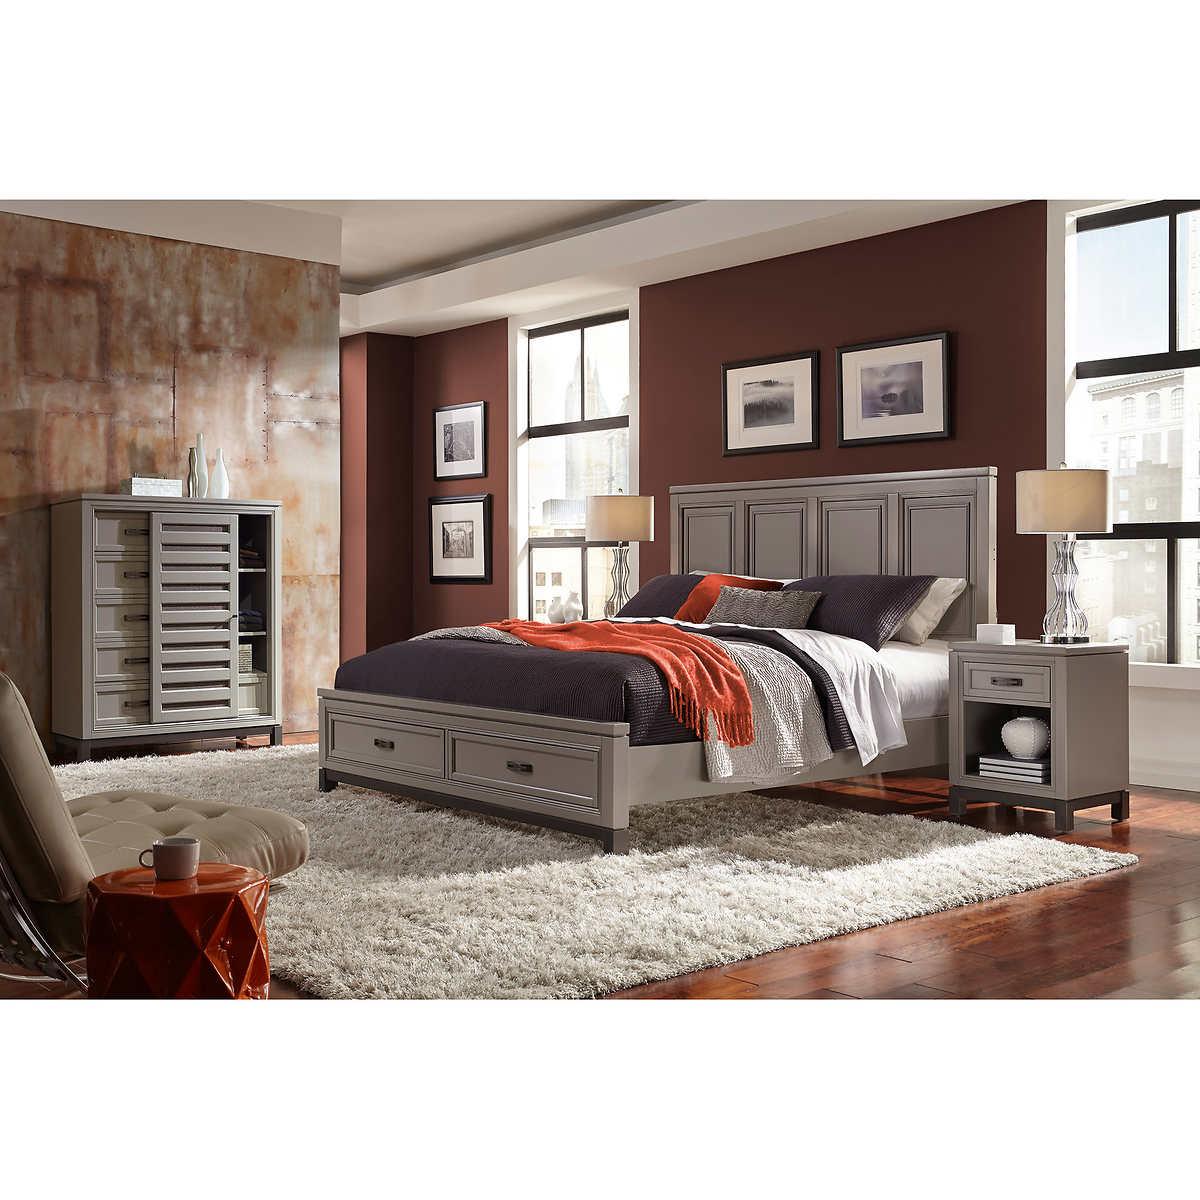 Westwood 4 Piece Bedroom Set Bedroom Review Design